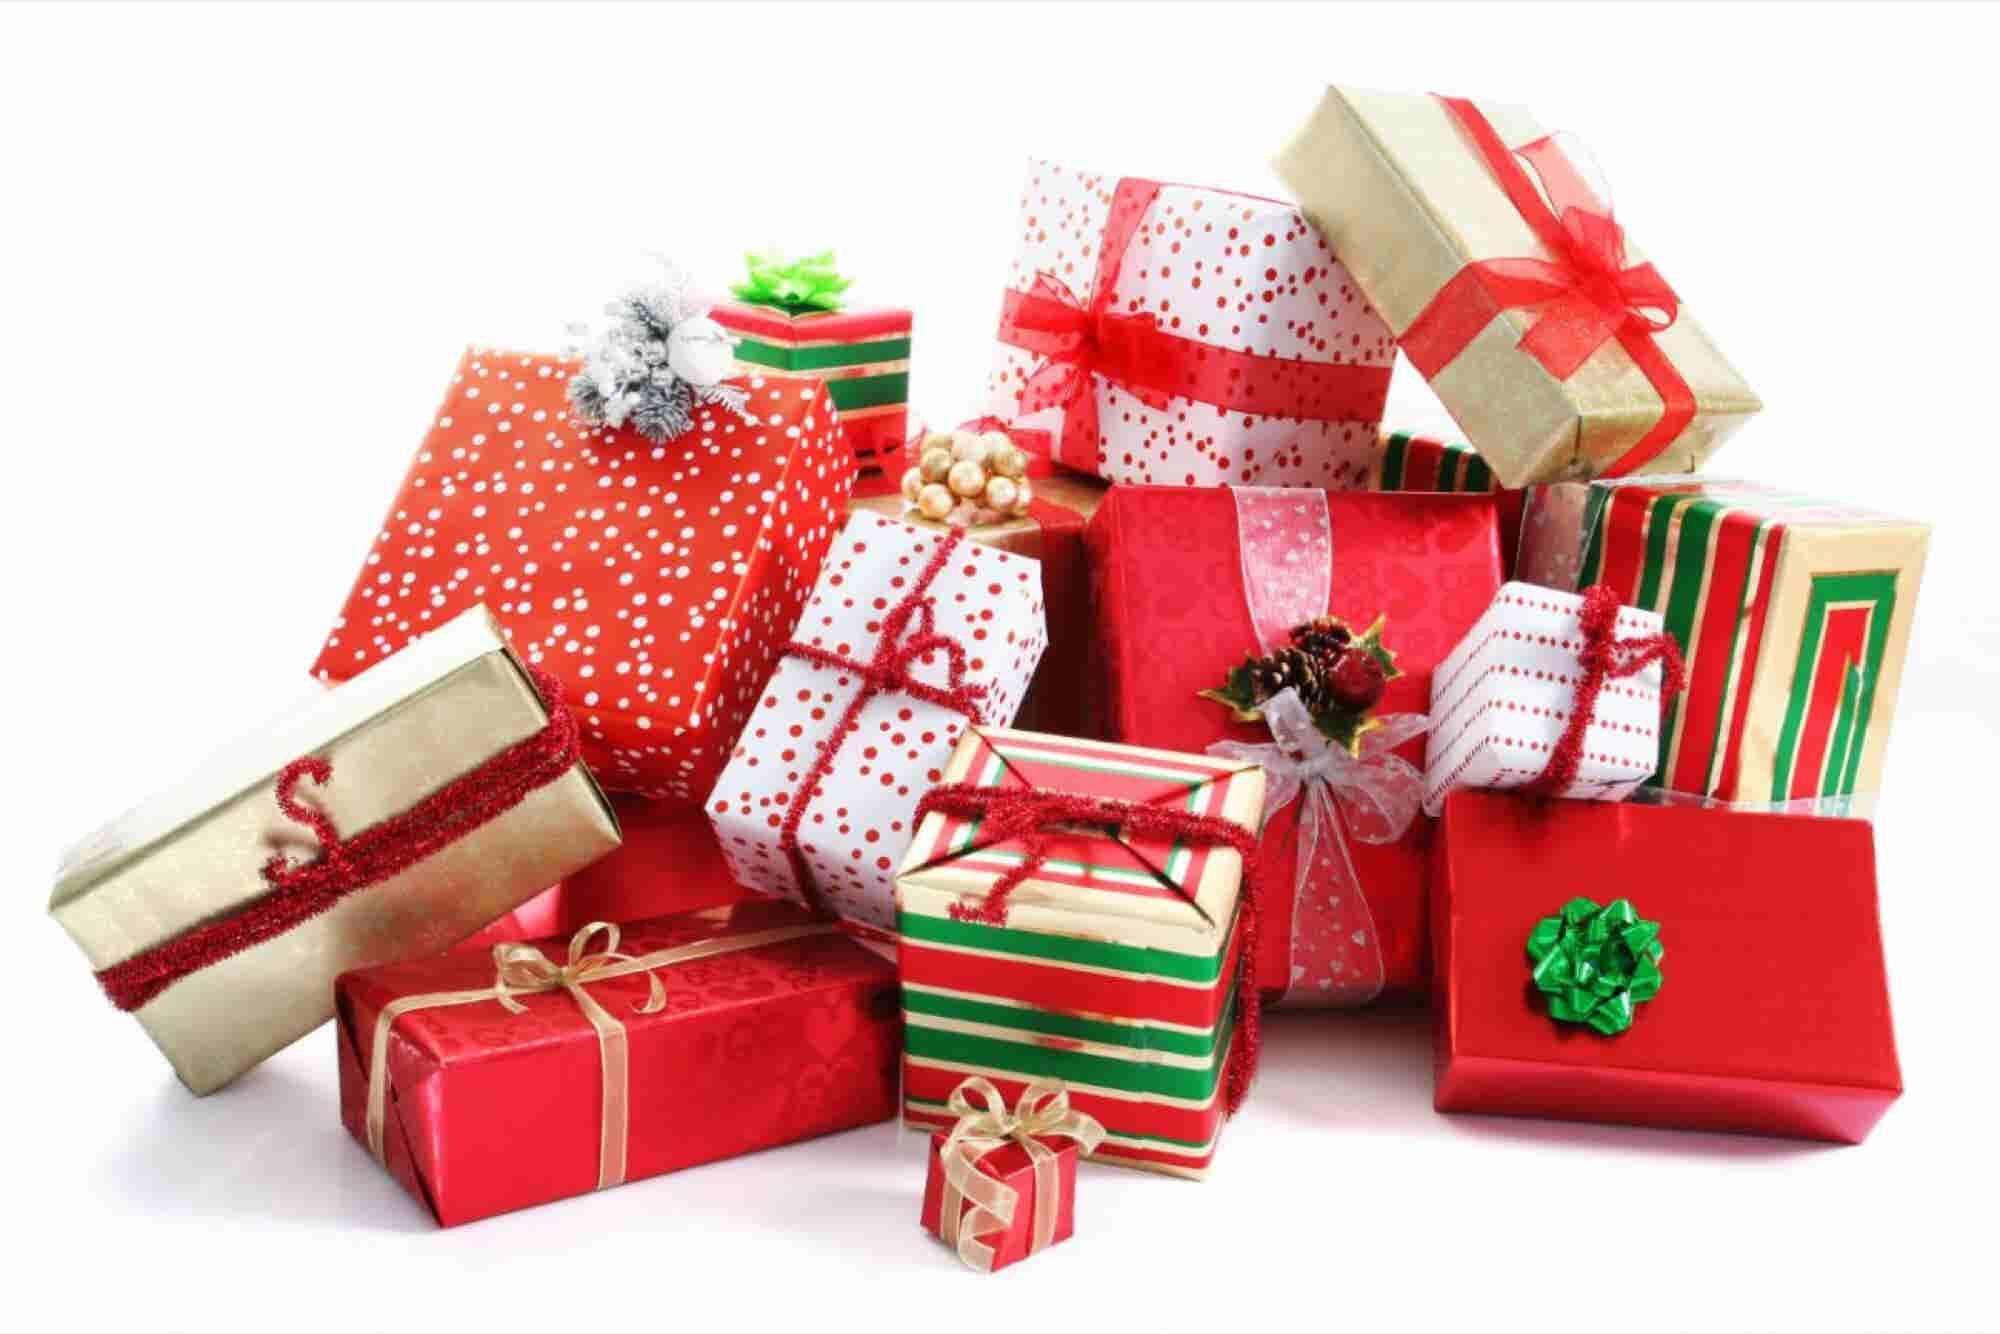 Abre un servicio de envoltura de regalos en diciembre